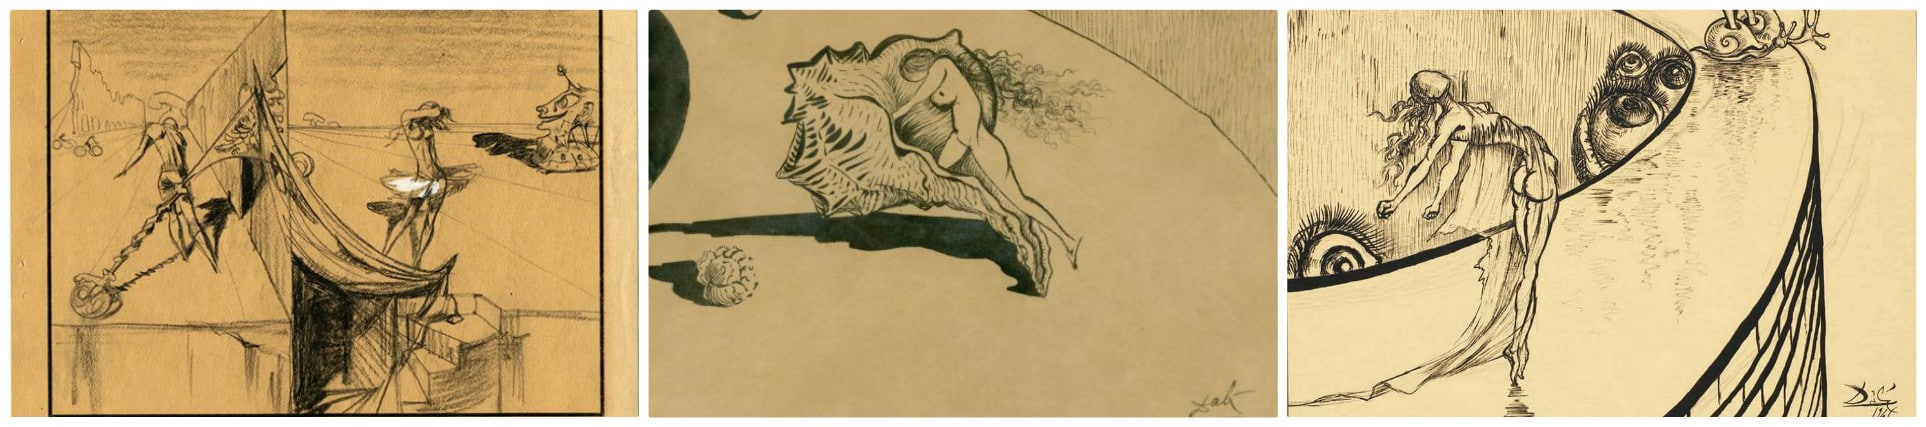 Alcuni schizzi originali realizzati da Salvador Dalí